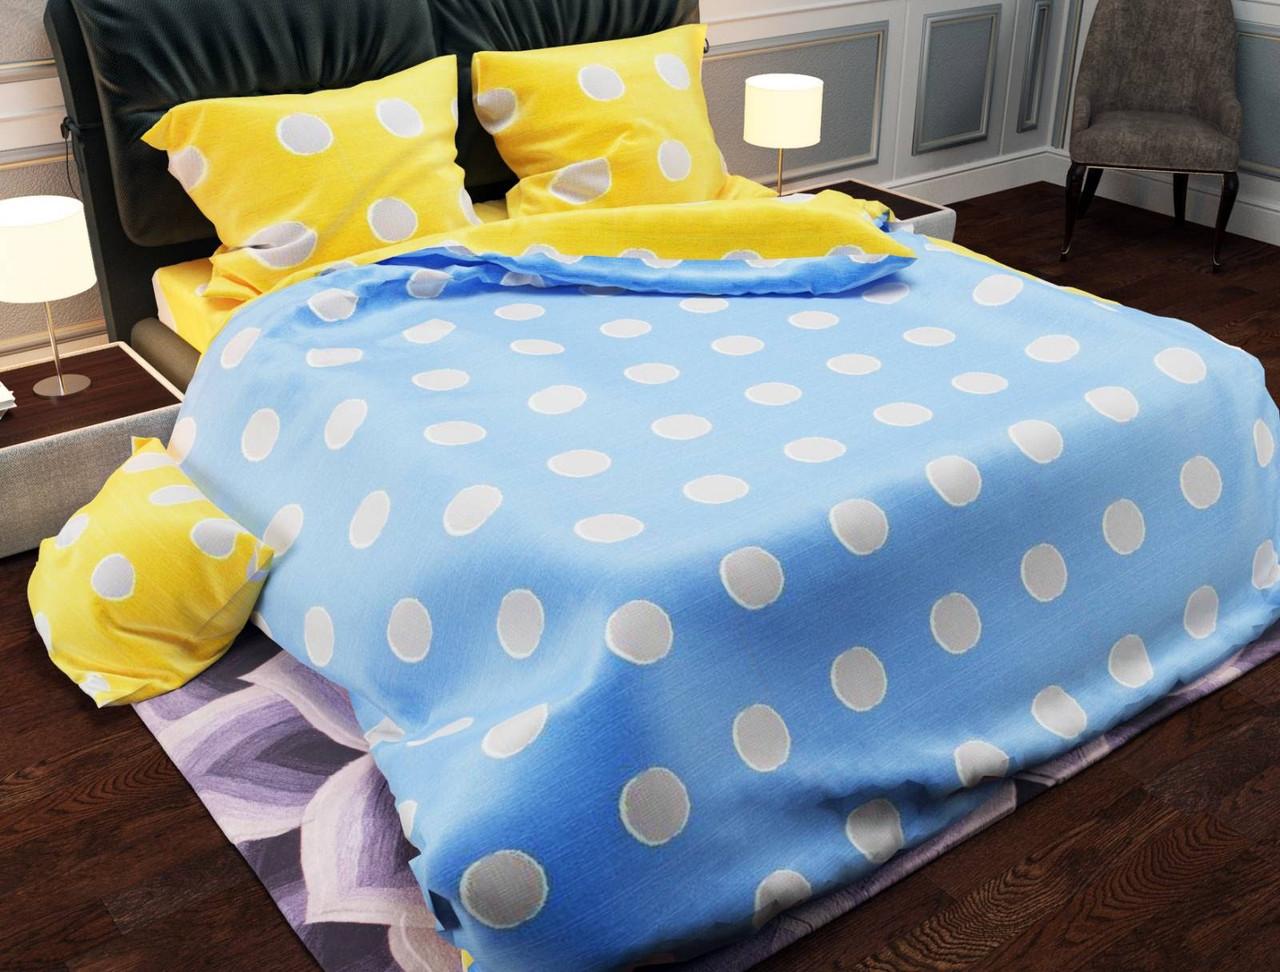 Комплект качественного постельного белья, евро размер, Желто-голубое. Бязь Gold